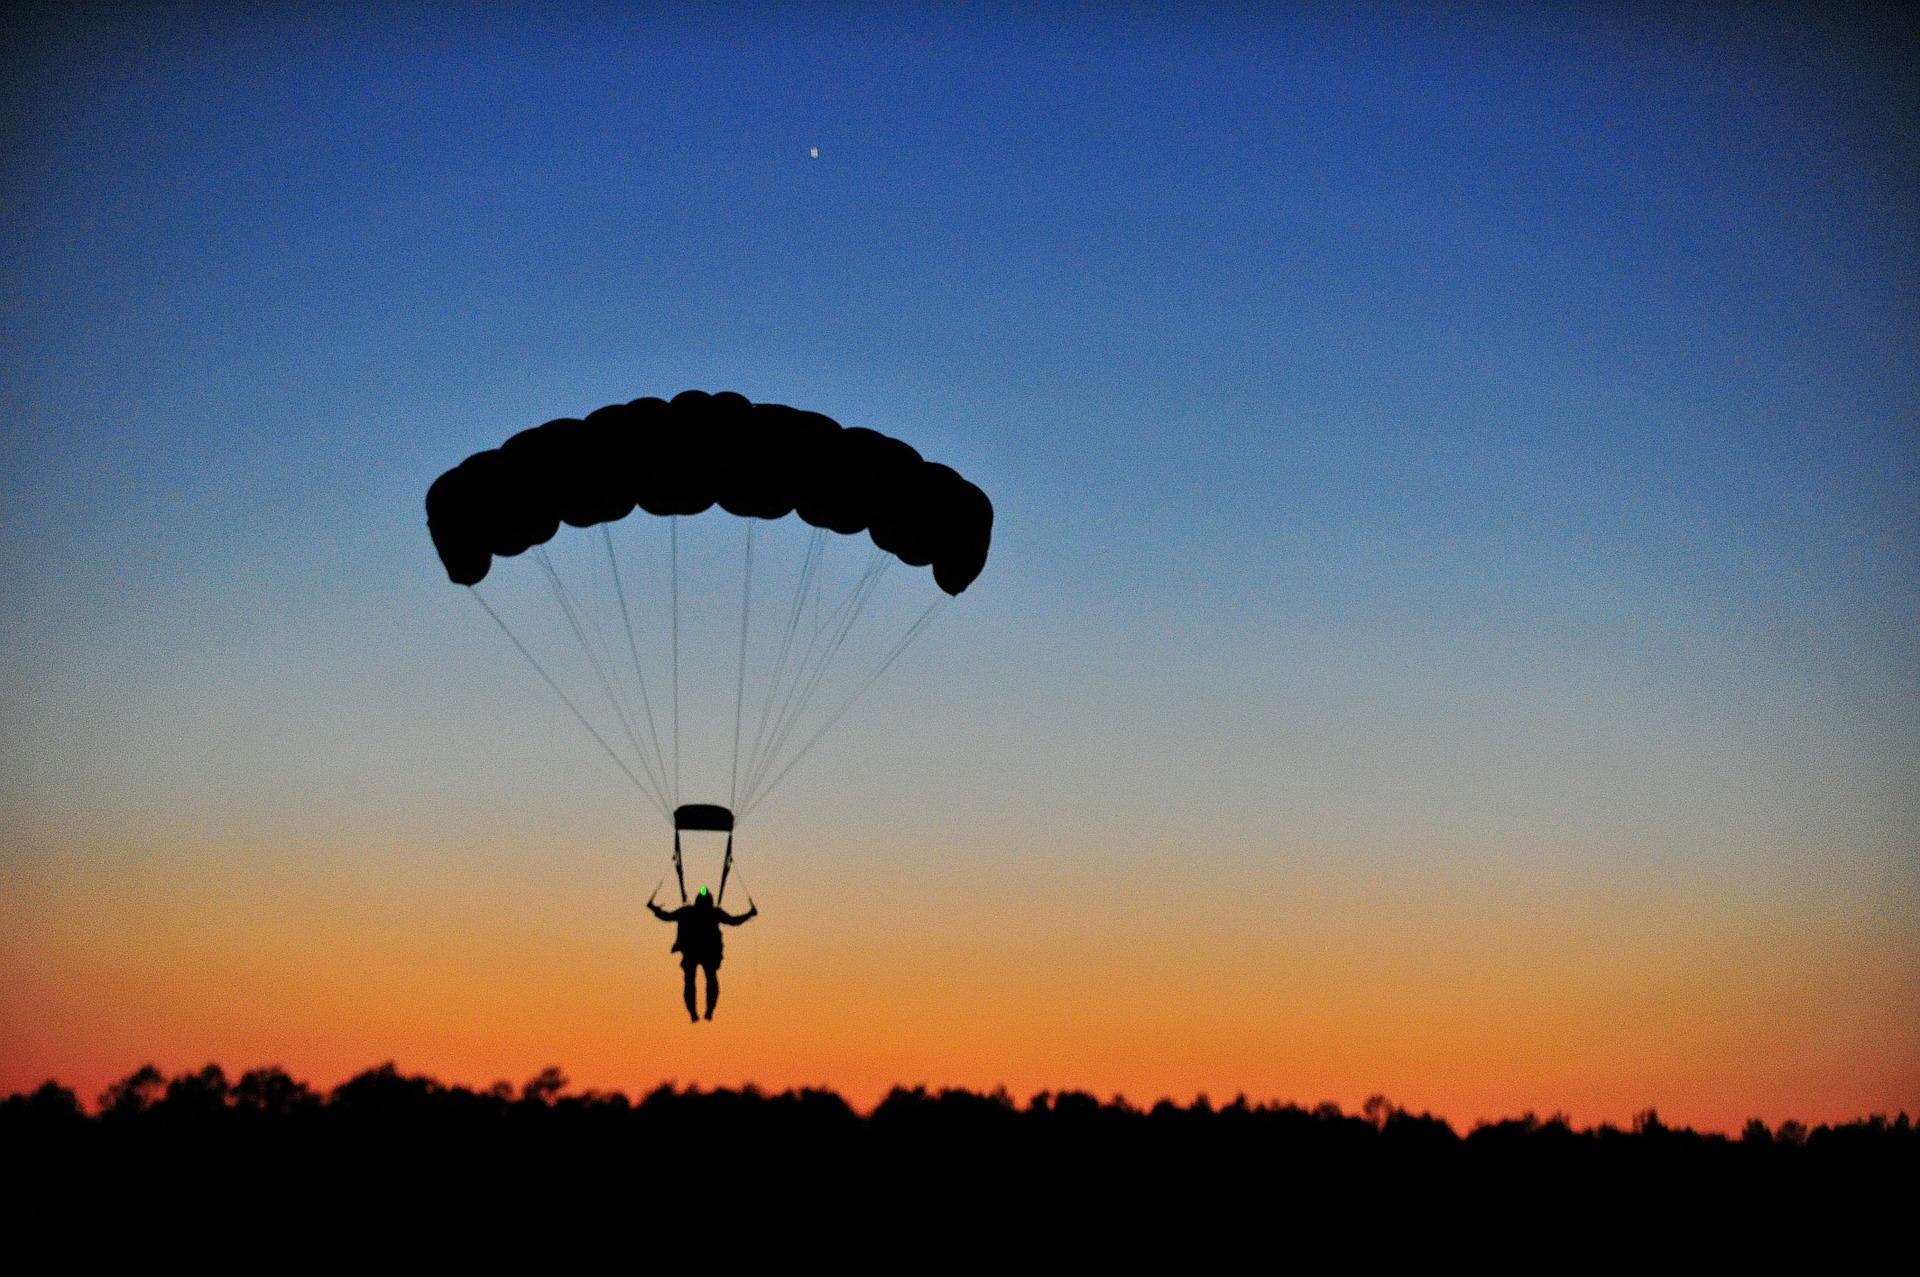 parachuting-80095_1920